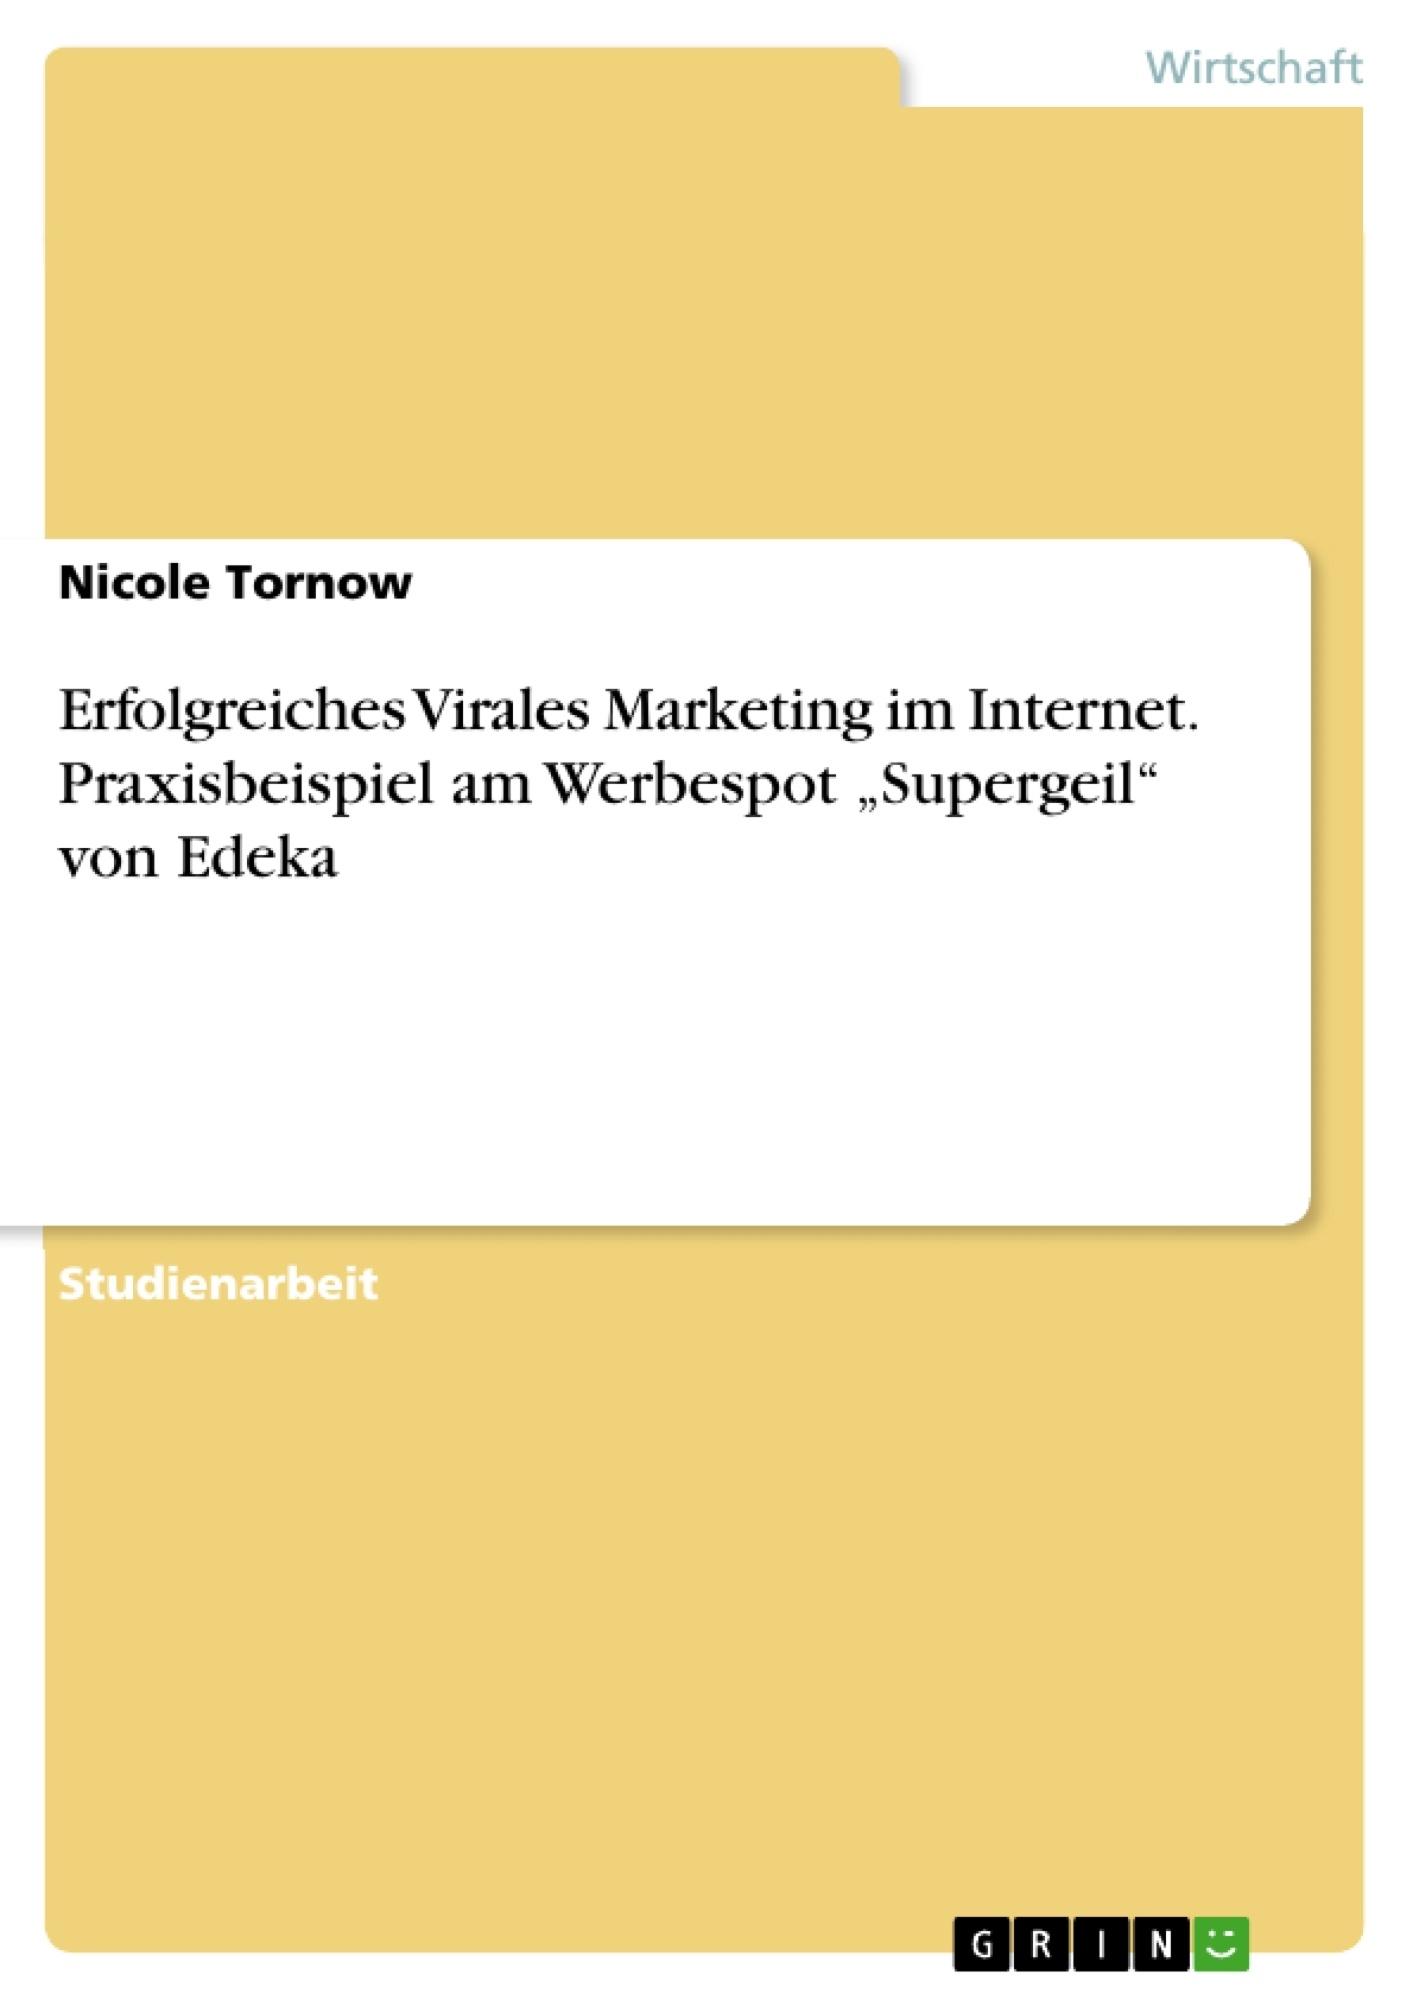 """Titel: Erfolgreiches Virales Marketing im Internet. Praxisbeispiel am Werbespot """"Supergeil"""" von Edeka"""